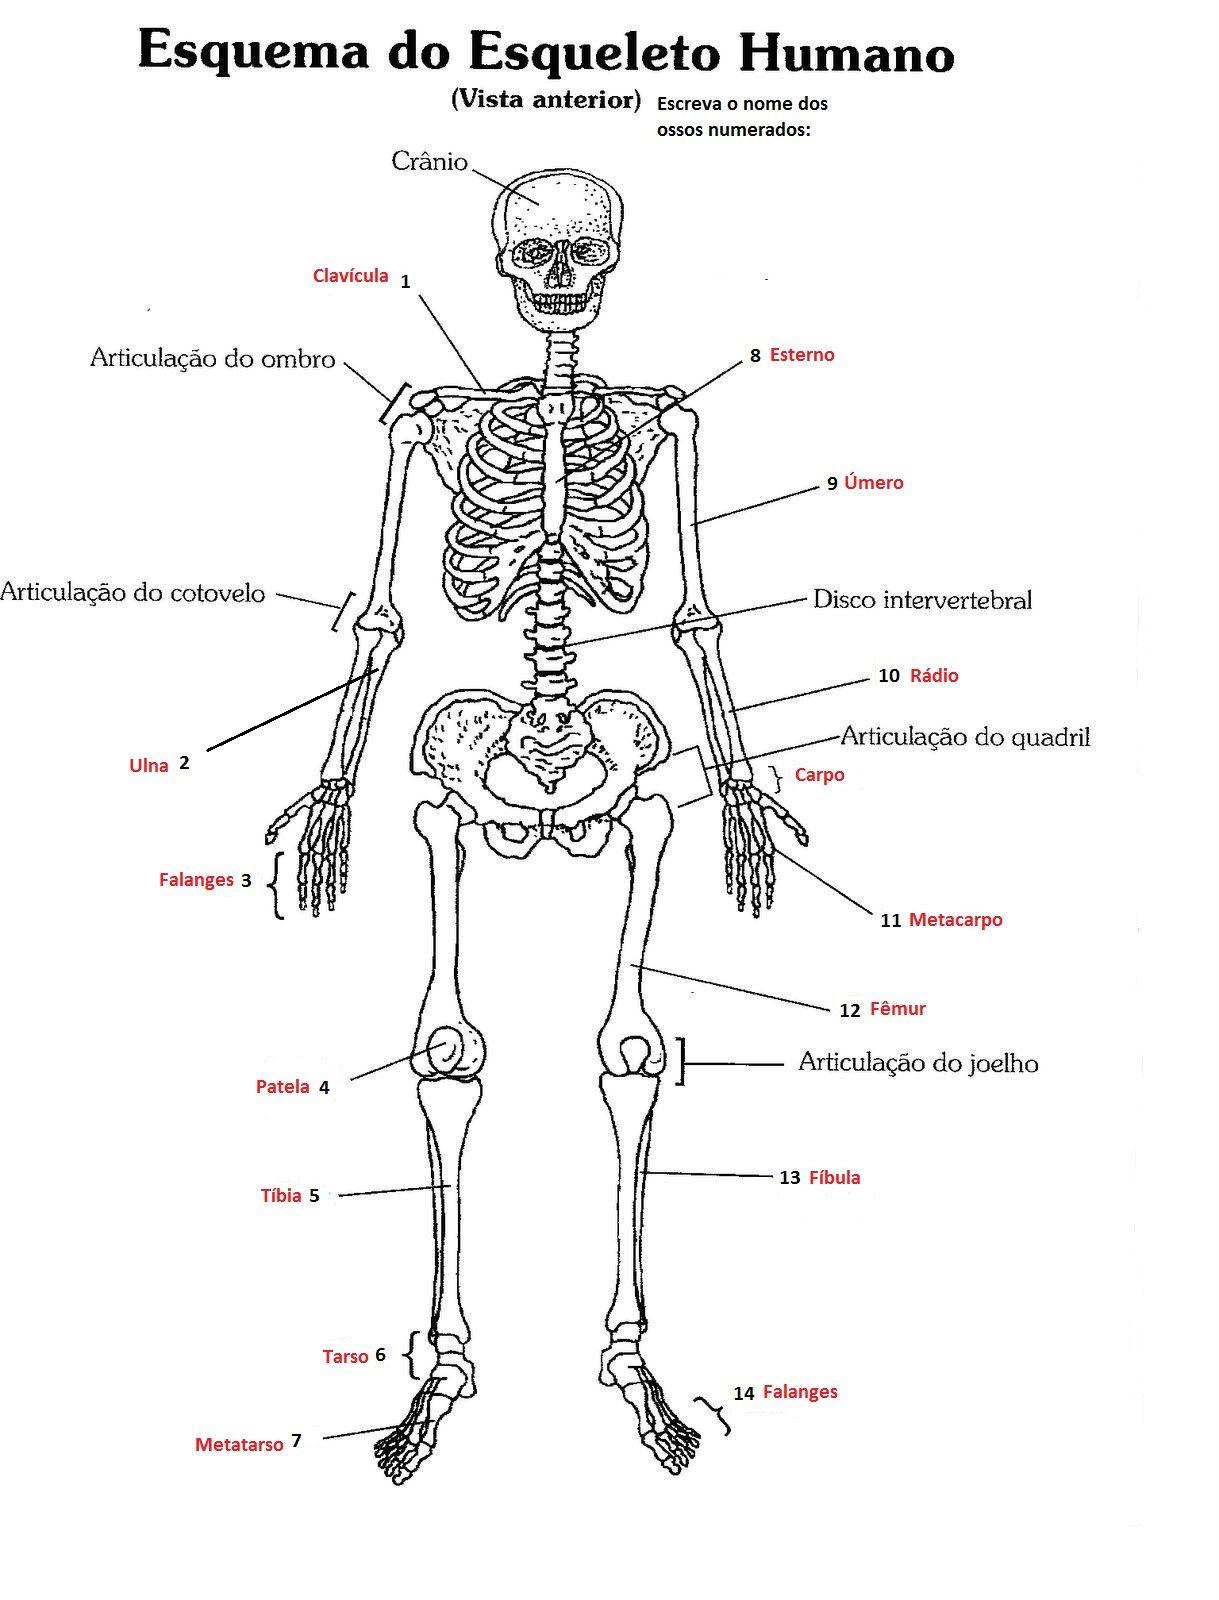 Esqueleto Humano Perfil Ment This Picture Rie | Ciencia y naturaleza ...